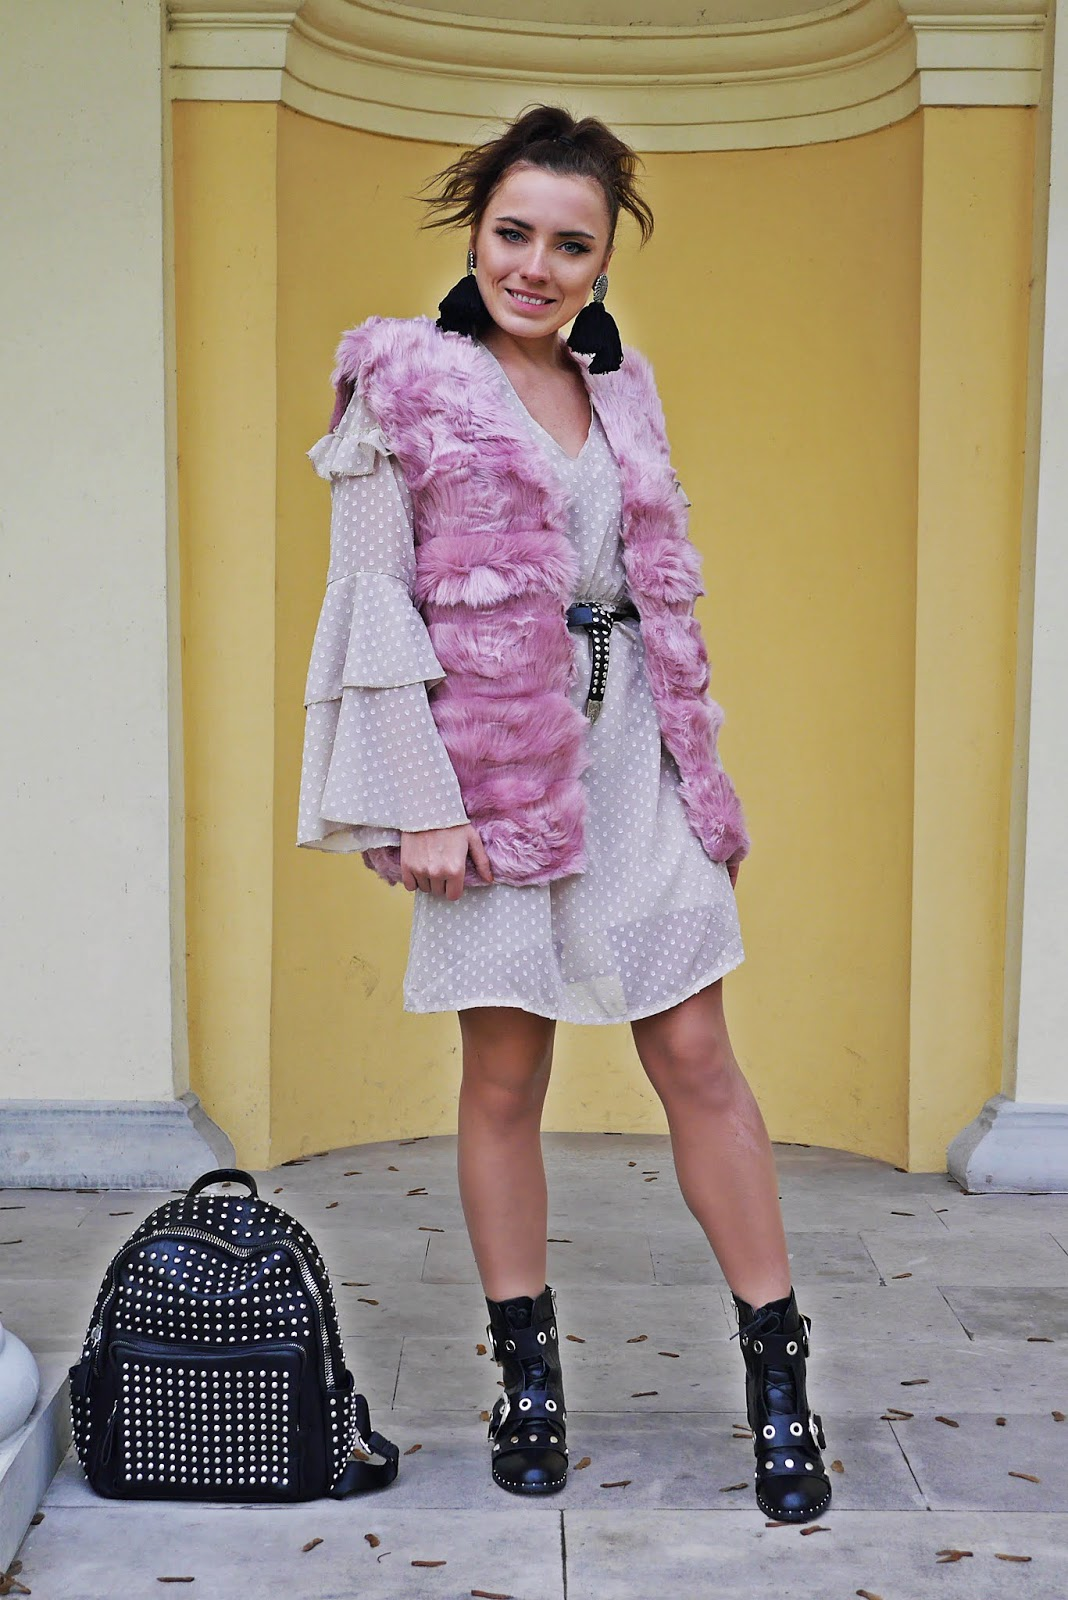 pink fur waist beige dress rock boots backpack outfit karyn blog modowy  modowe stylizacje